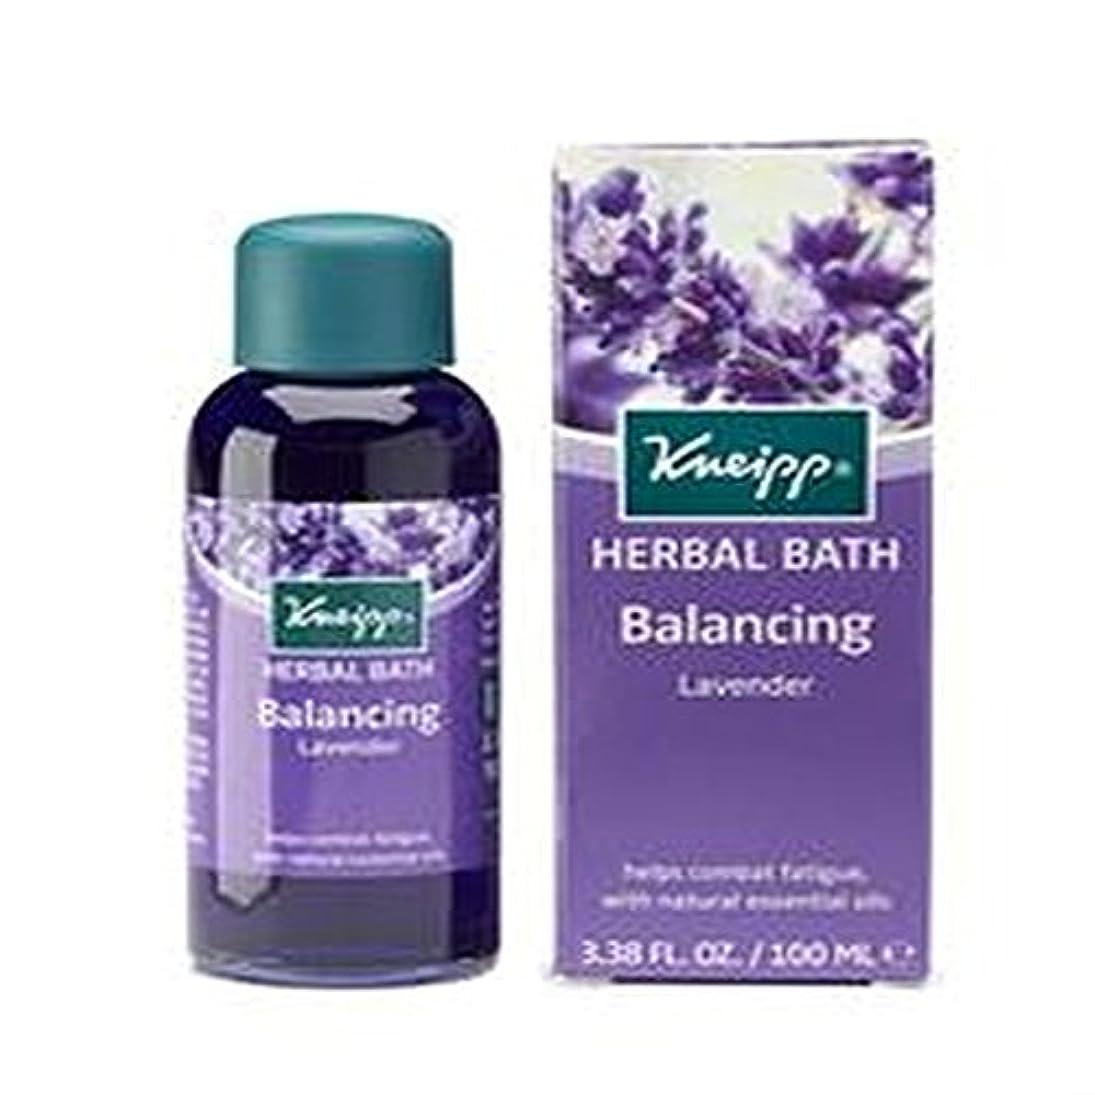 連隊出来事解放Kneipp Balancing Lavender Herbal Bath - 3.38 Oz. (並行輸入品) [並行輸入品]